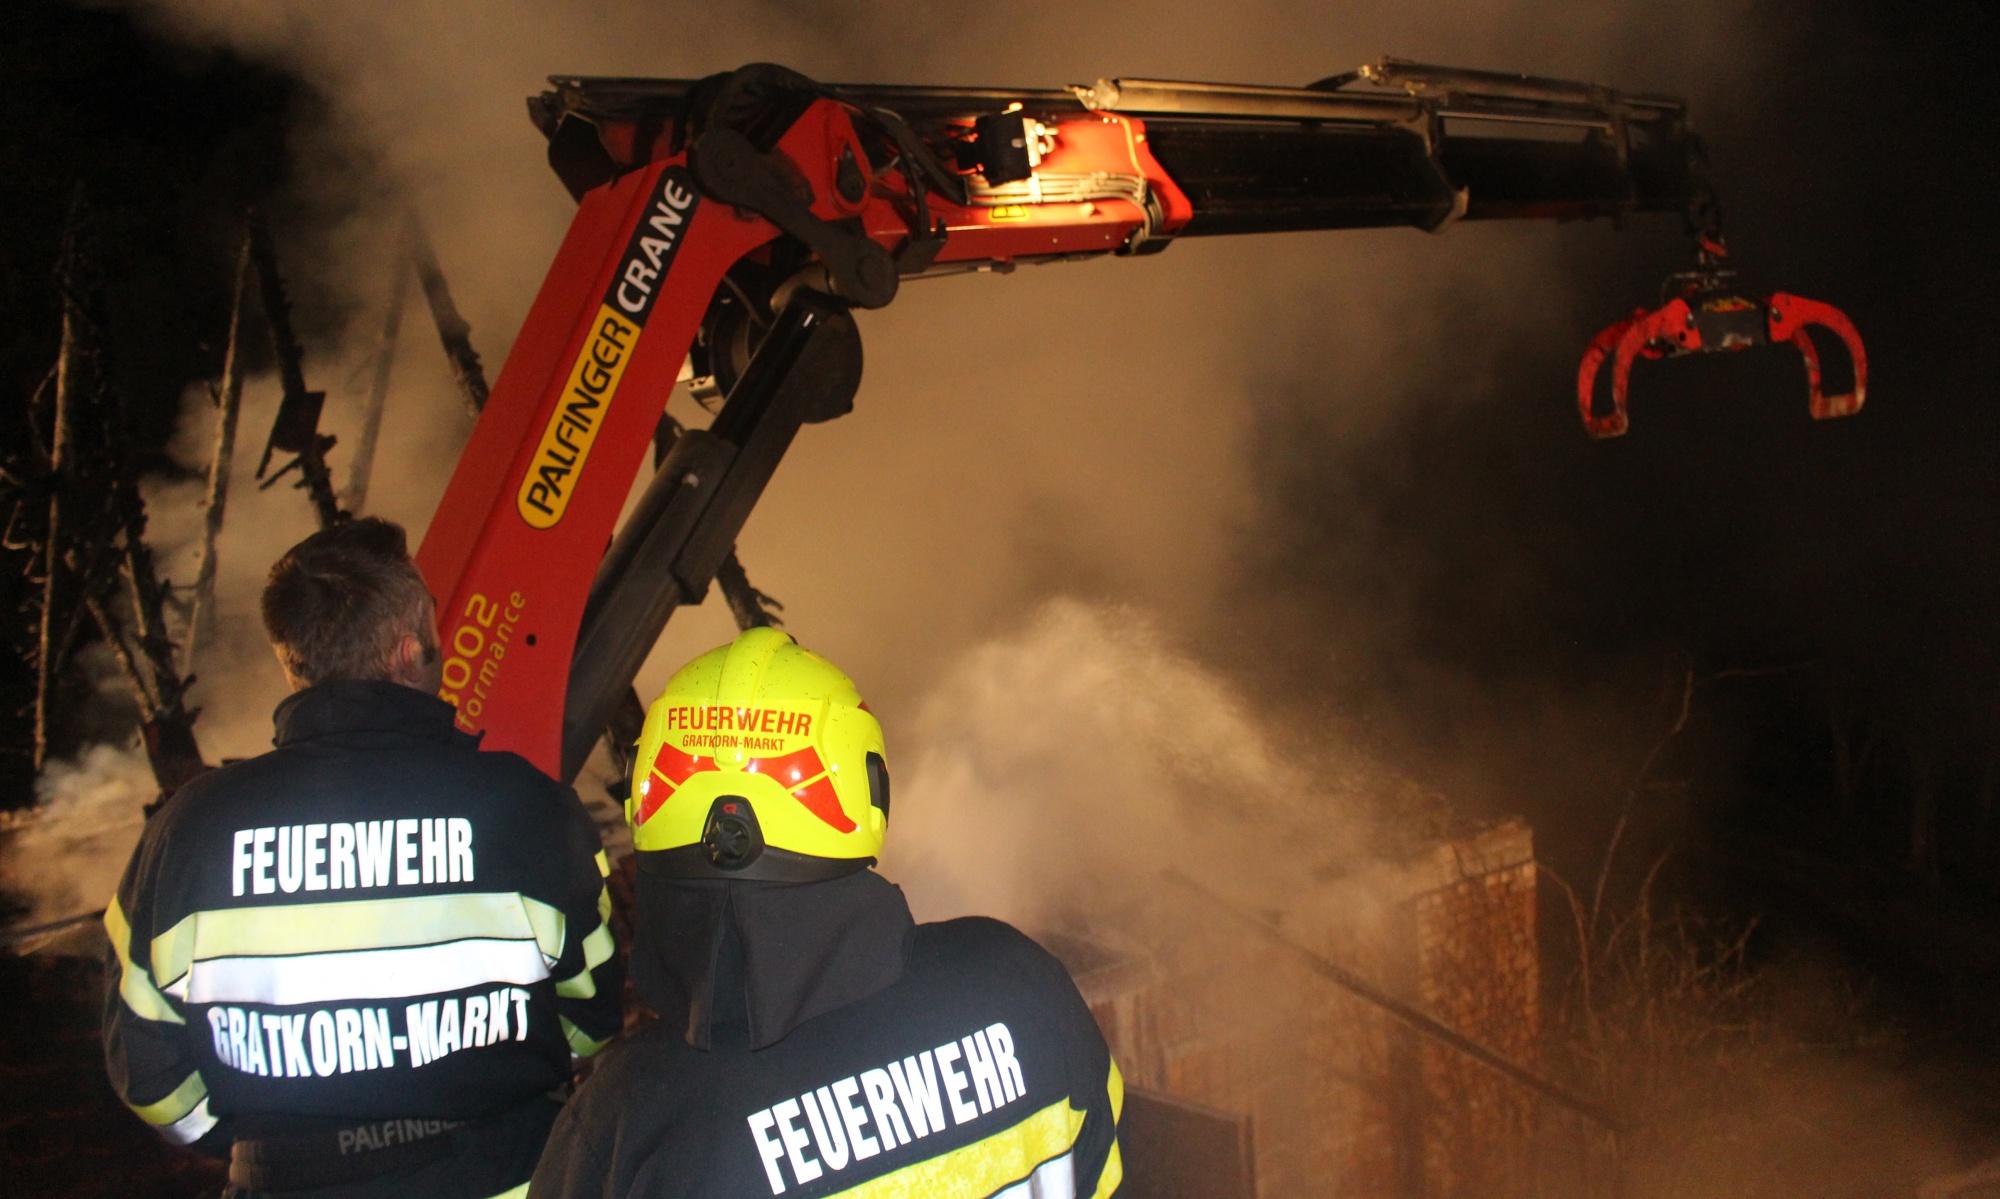 Freiwillige Feuerwehr Gratkorn - Markt